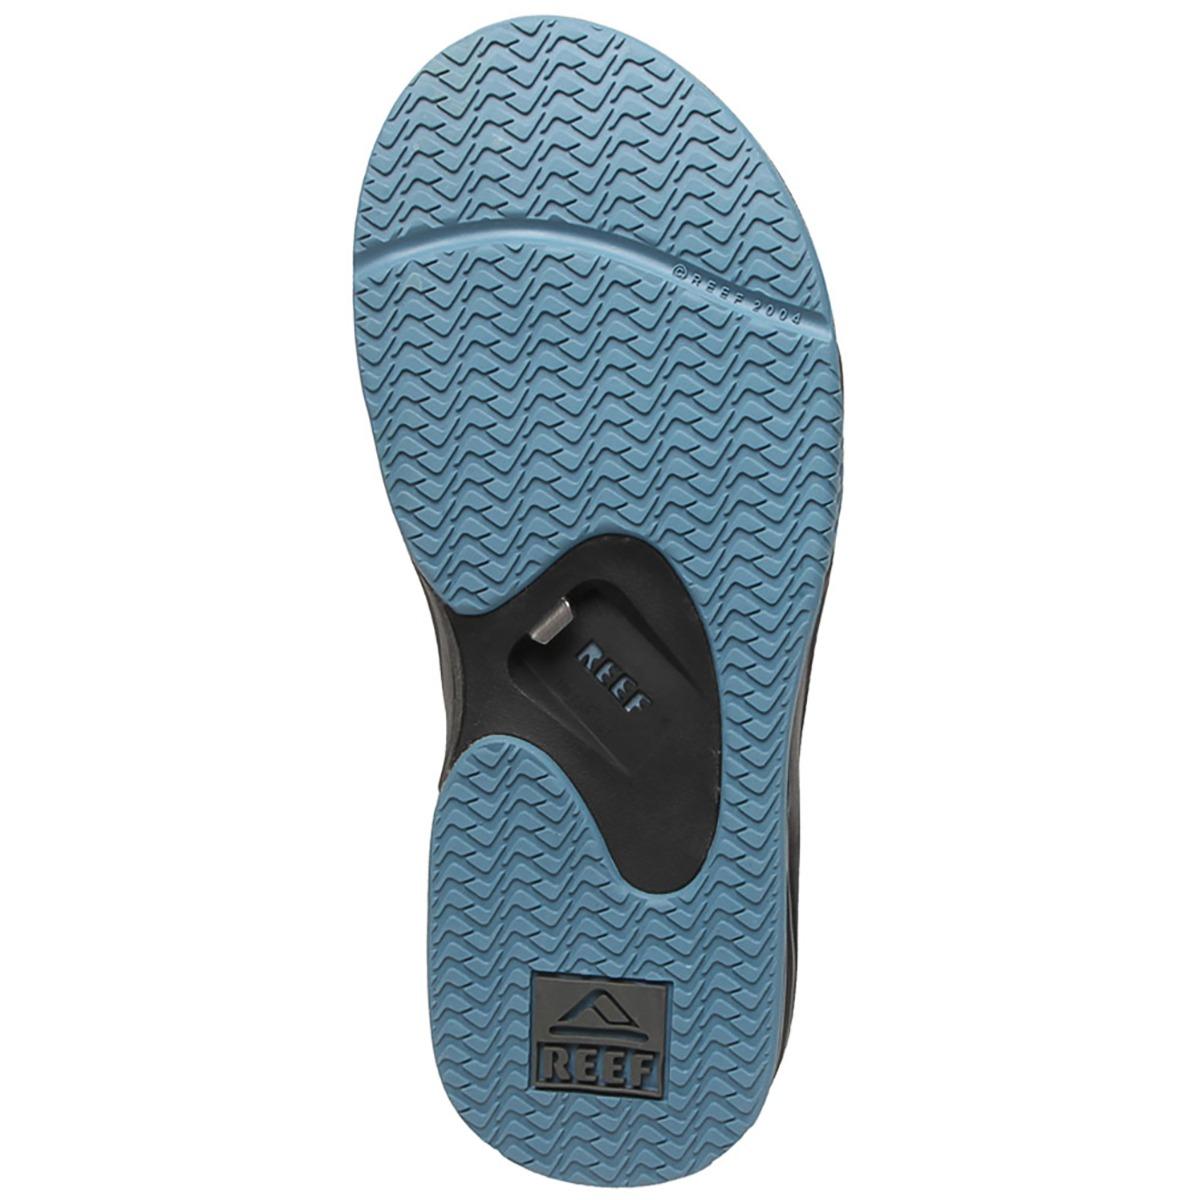 d5790699f6 chinelo masculino reef fanning surf skate verão original. Carregando zoom.